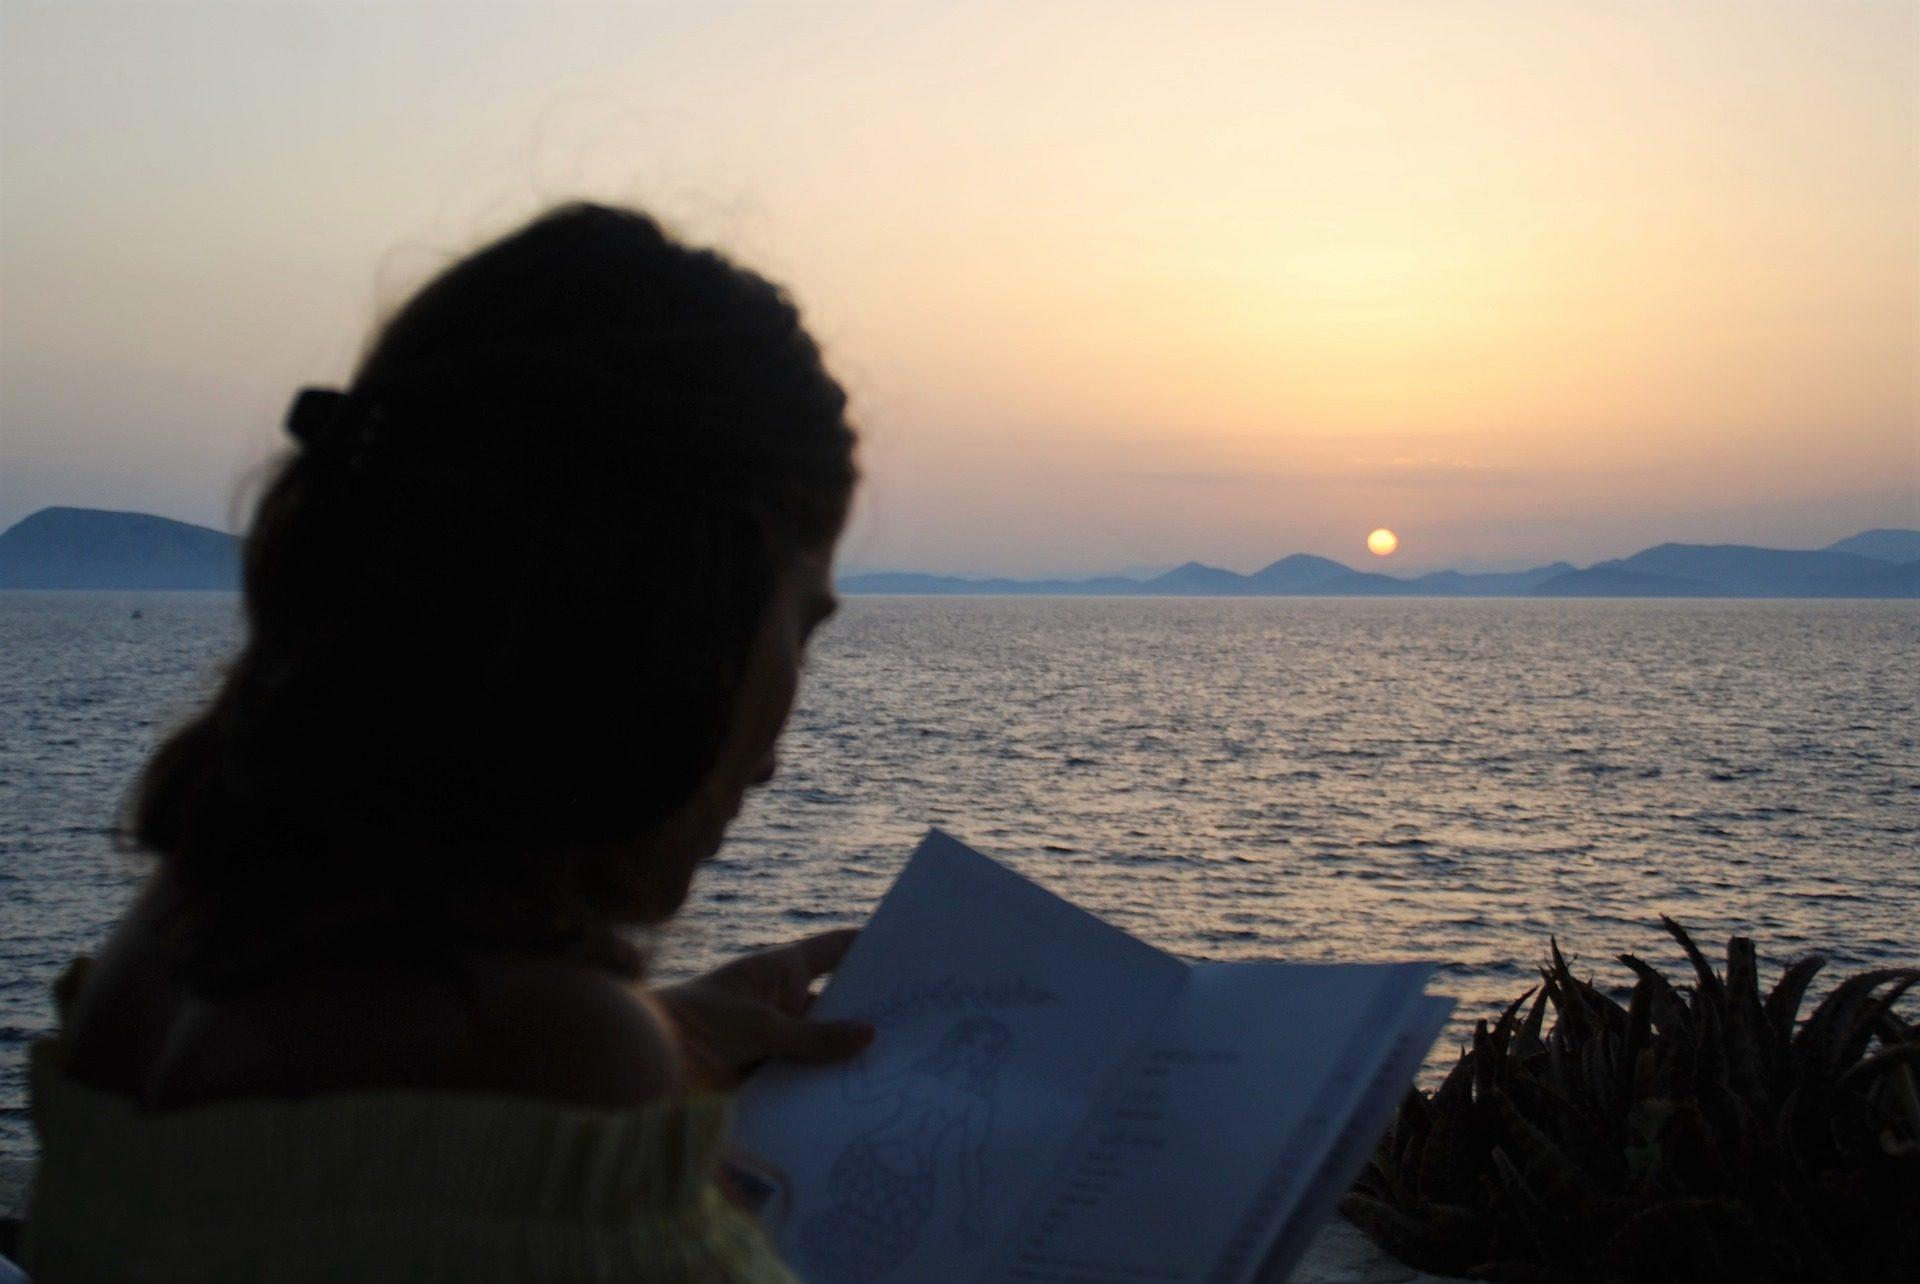 mulher, Livro, leitura, Pôr do sol, Mar, horizonte - Papéis de parede HD - Professor-falken.com